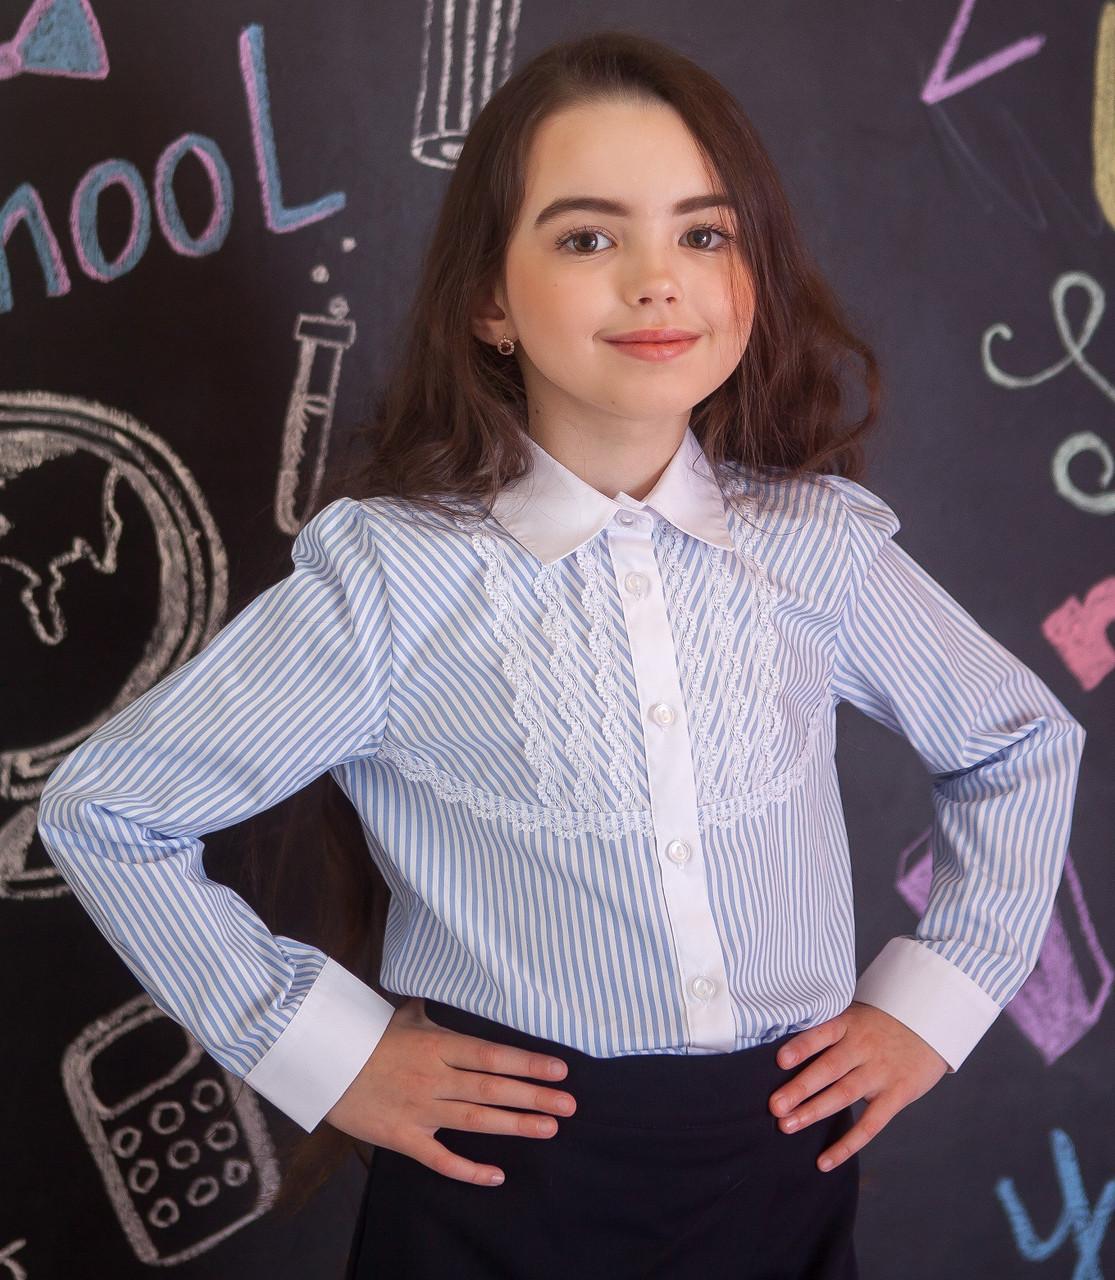 Блузка рубашка  Свит блуз  мод. 7002д  в полосочку р.134